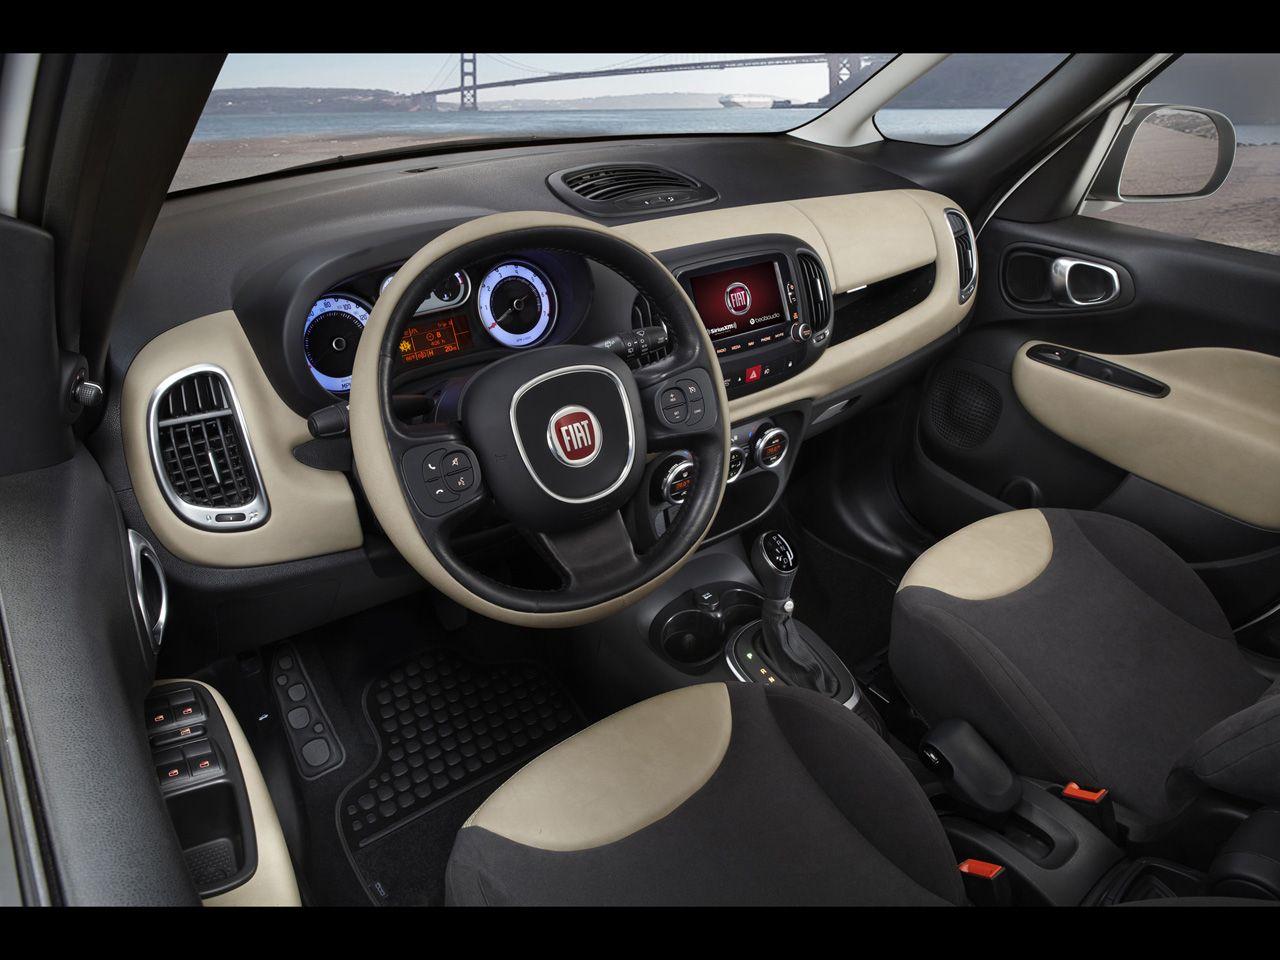 15++ Fiat 500 pics interior inspirations